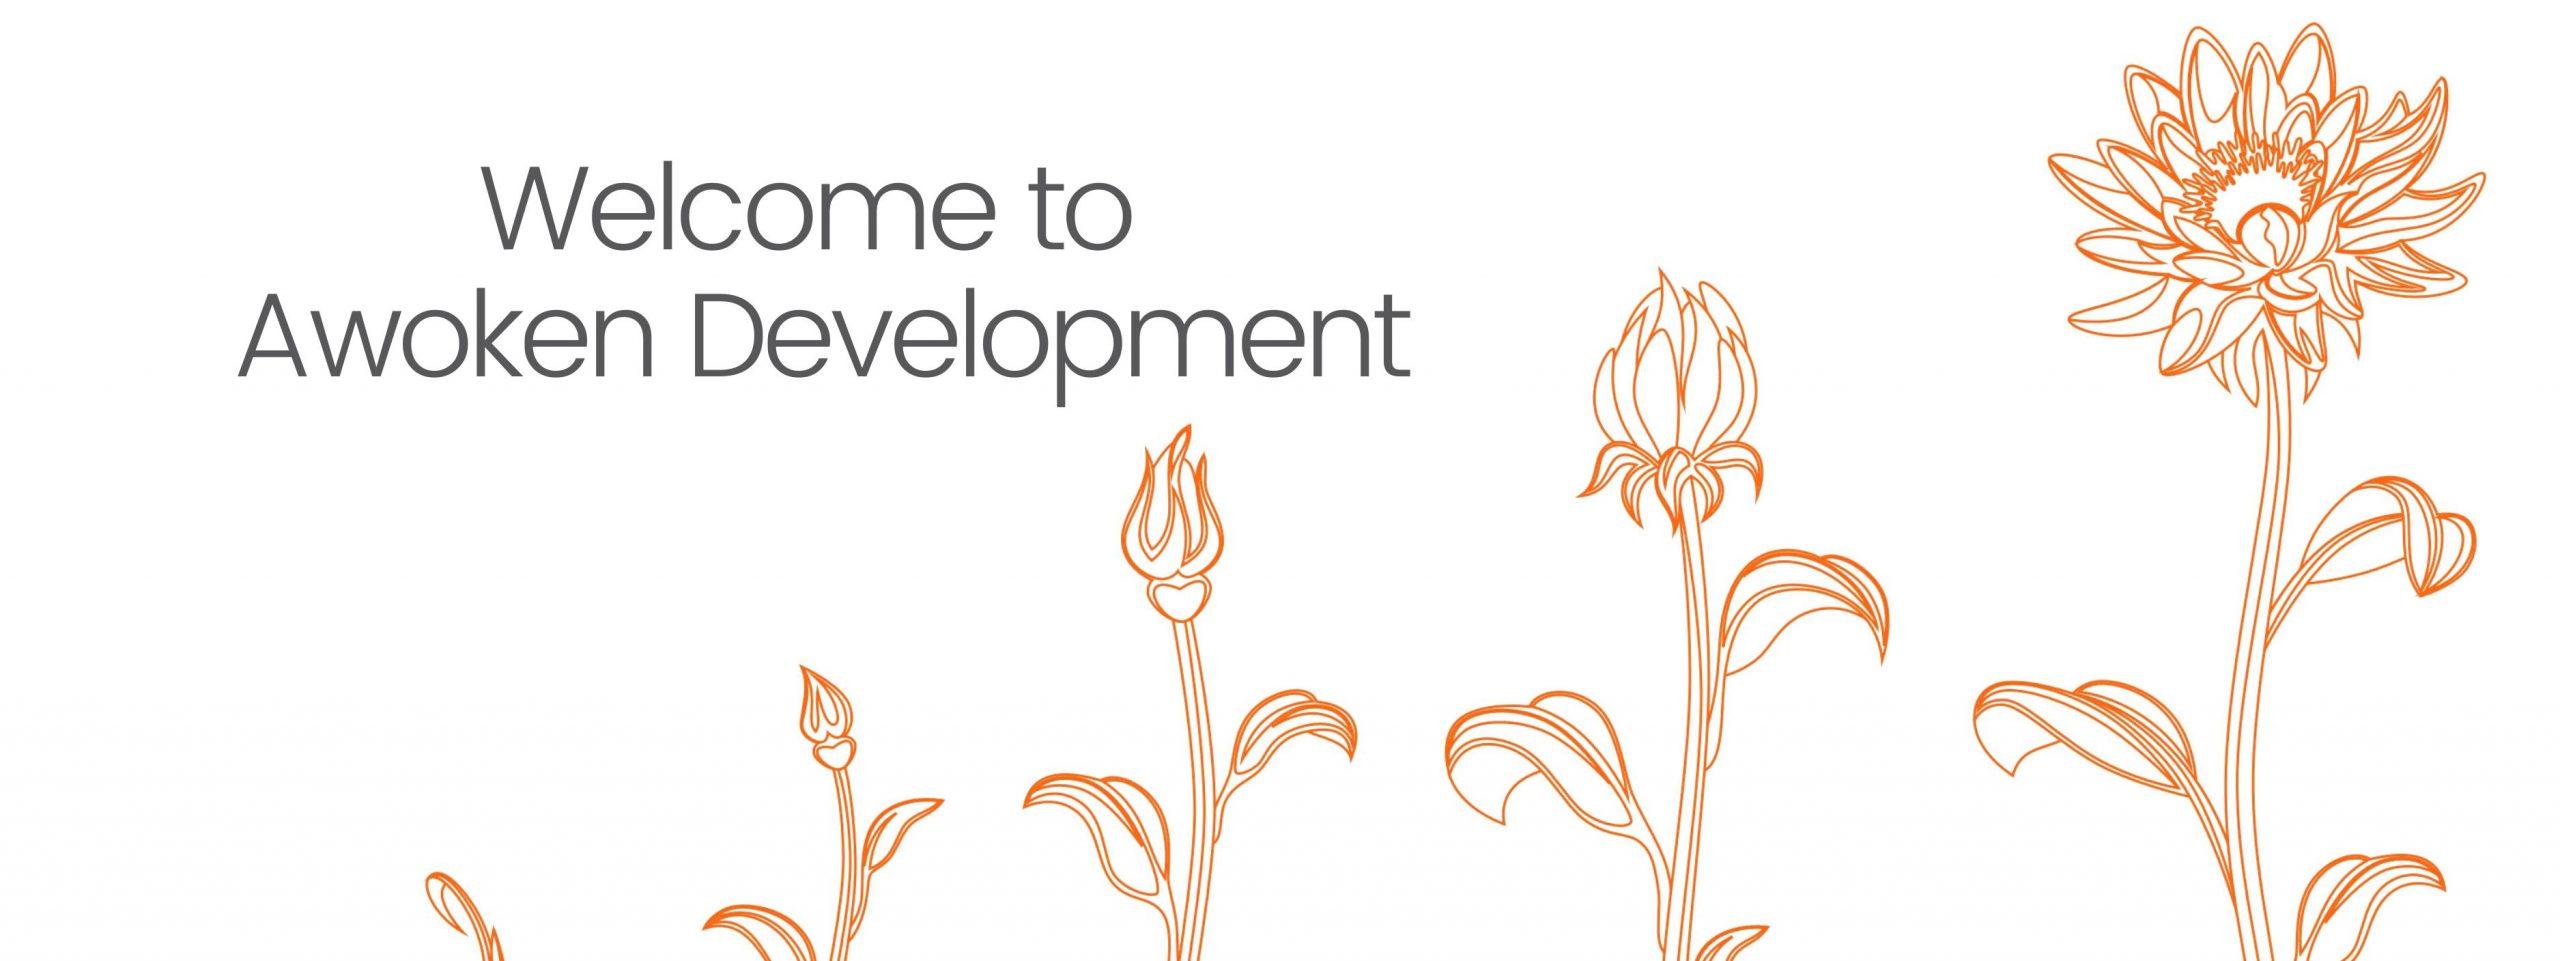 Awoken-Development-Coaching